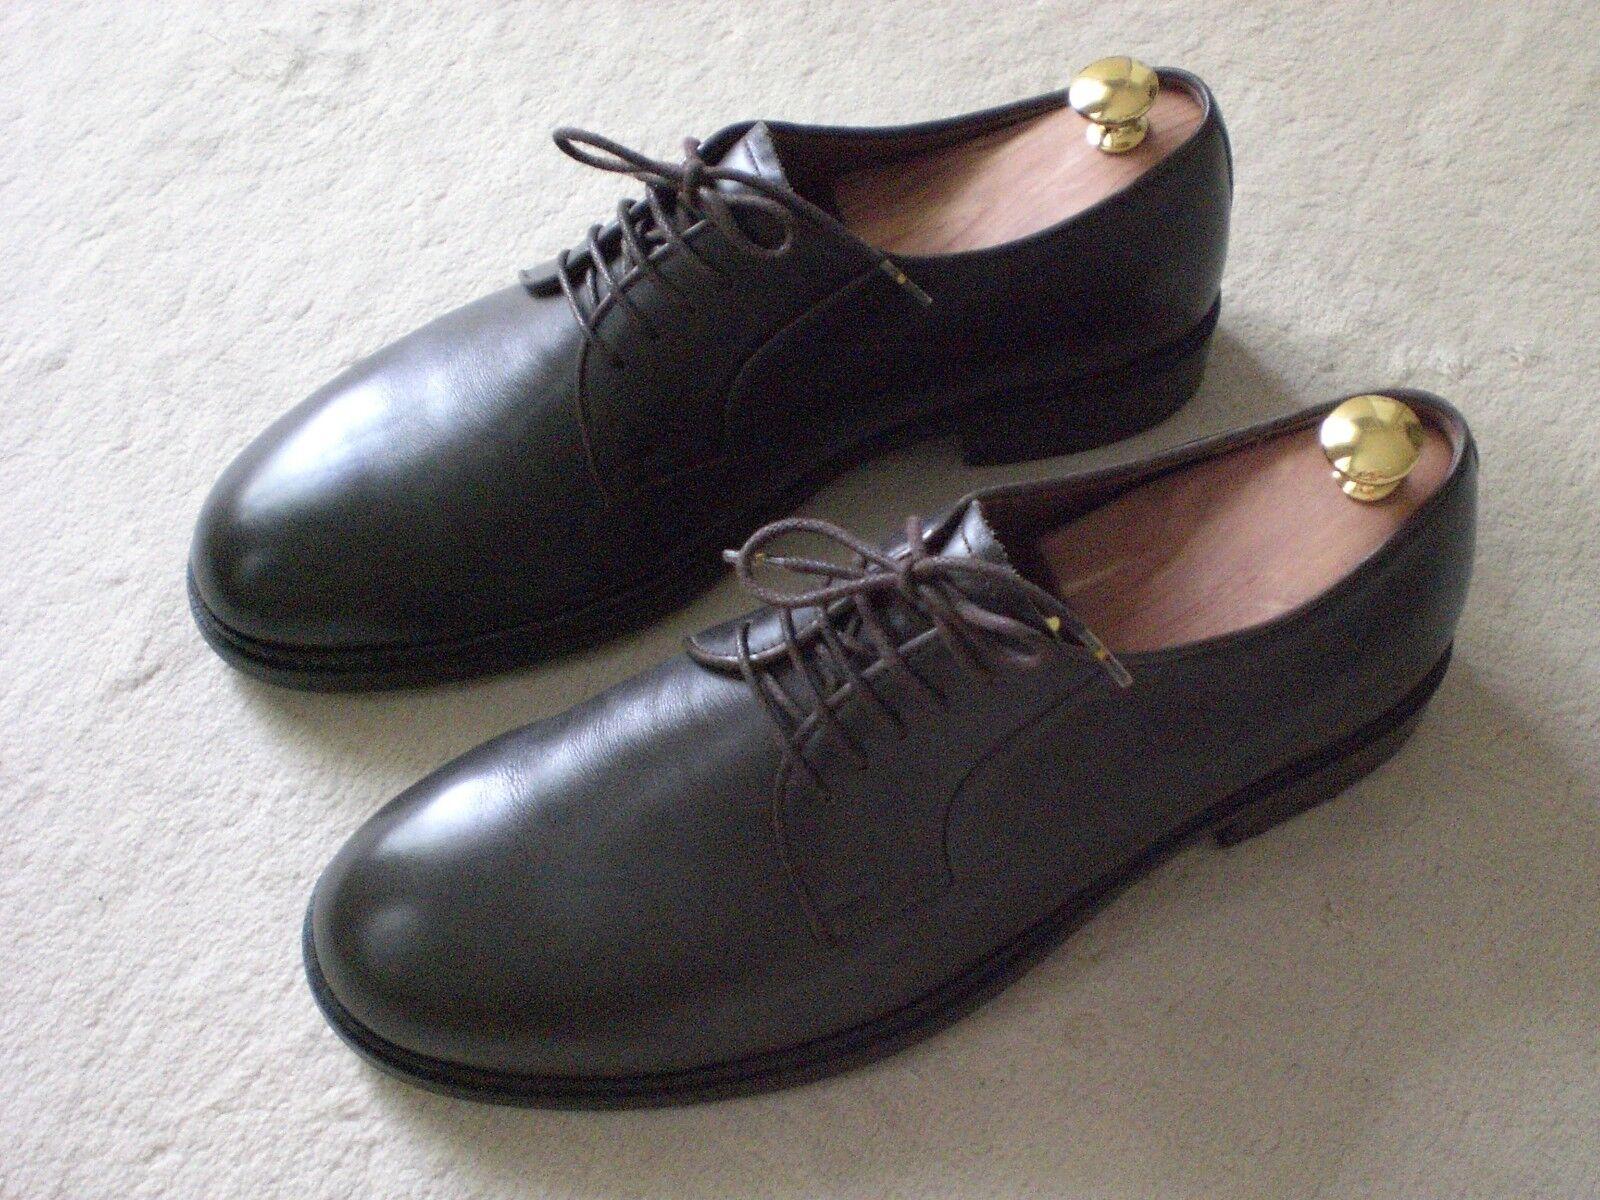 MEISTERSCHUH Business Schuhe Herren Gr. 43 braun Leder elegant *MAßANFERTIGUNG*